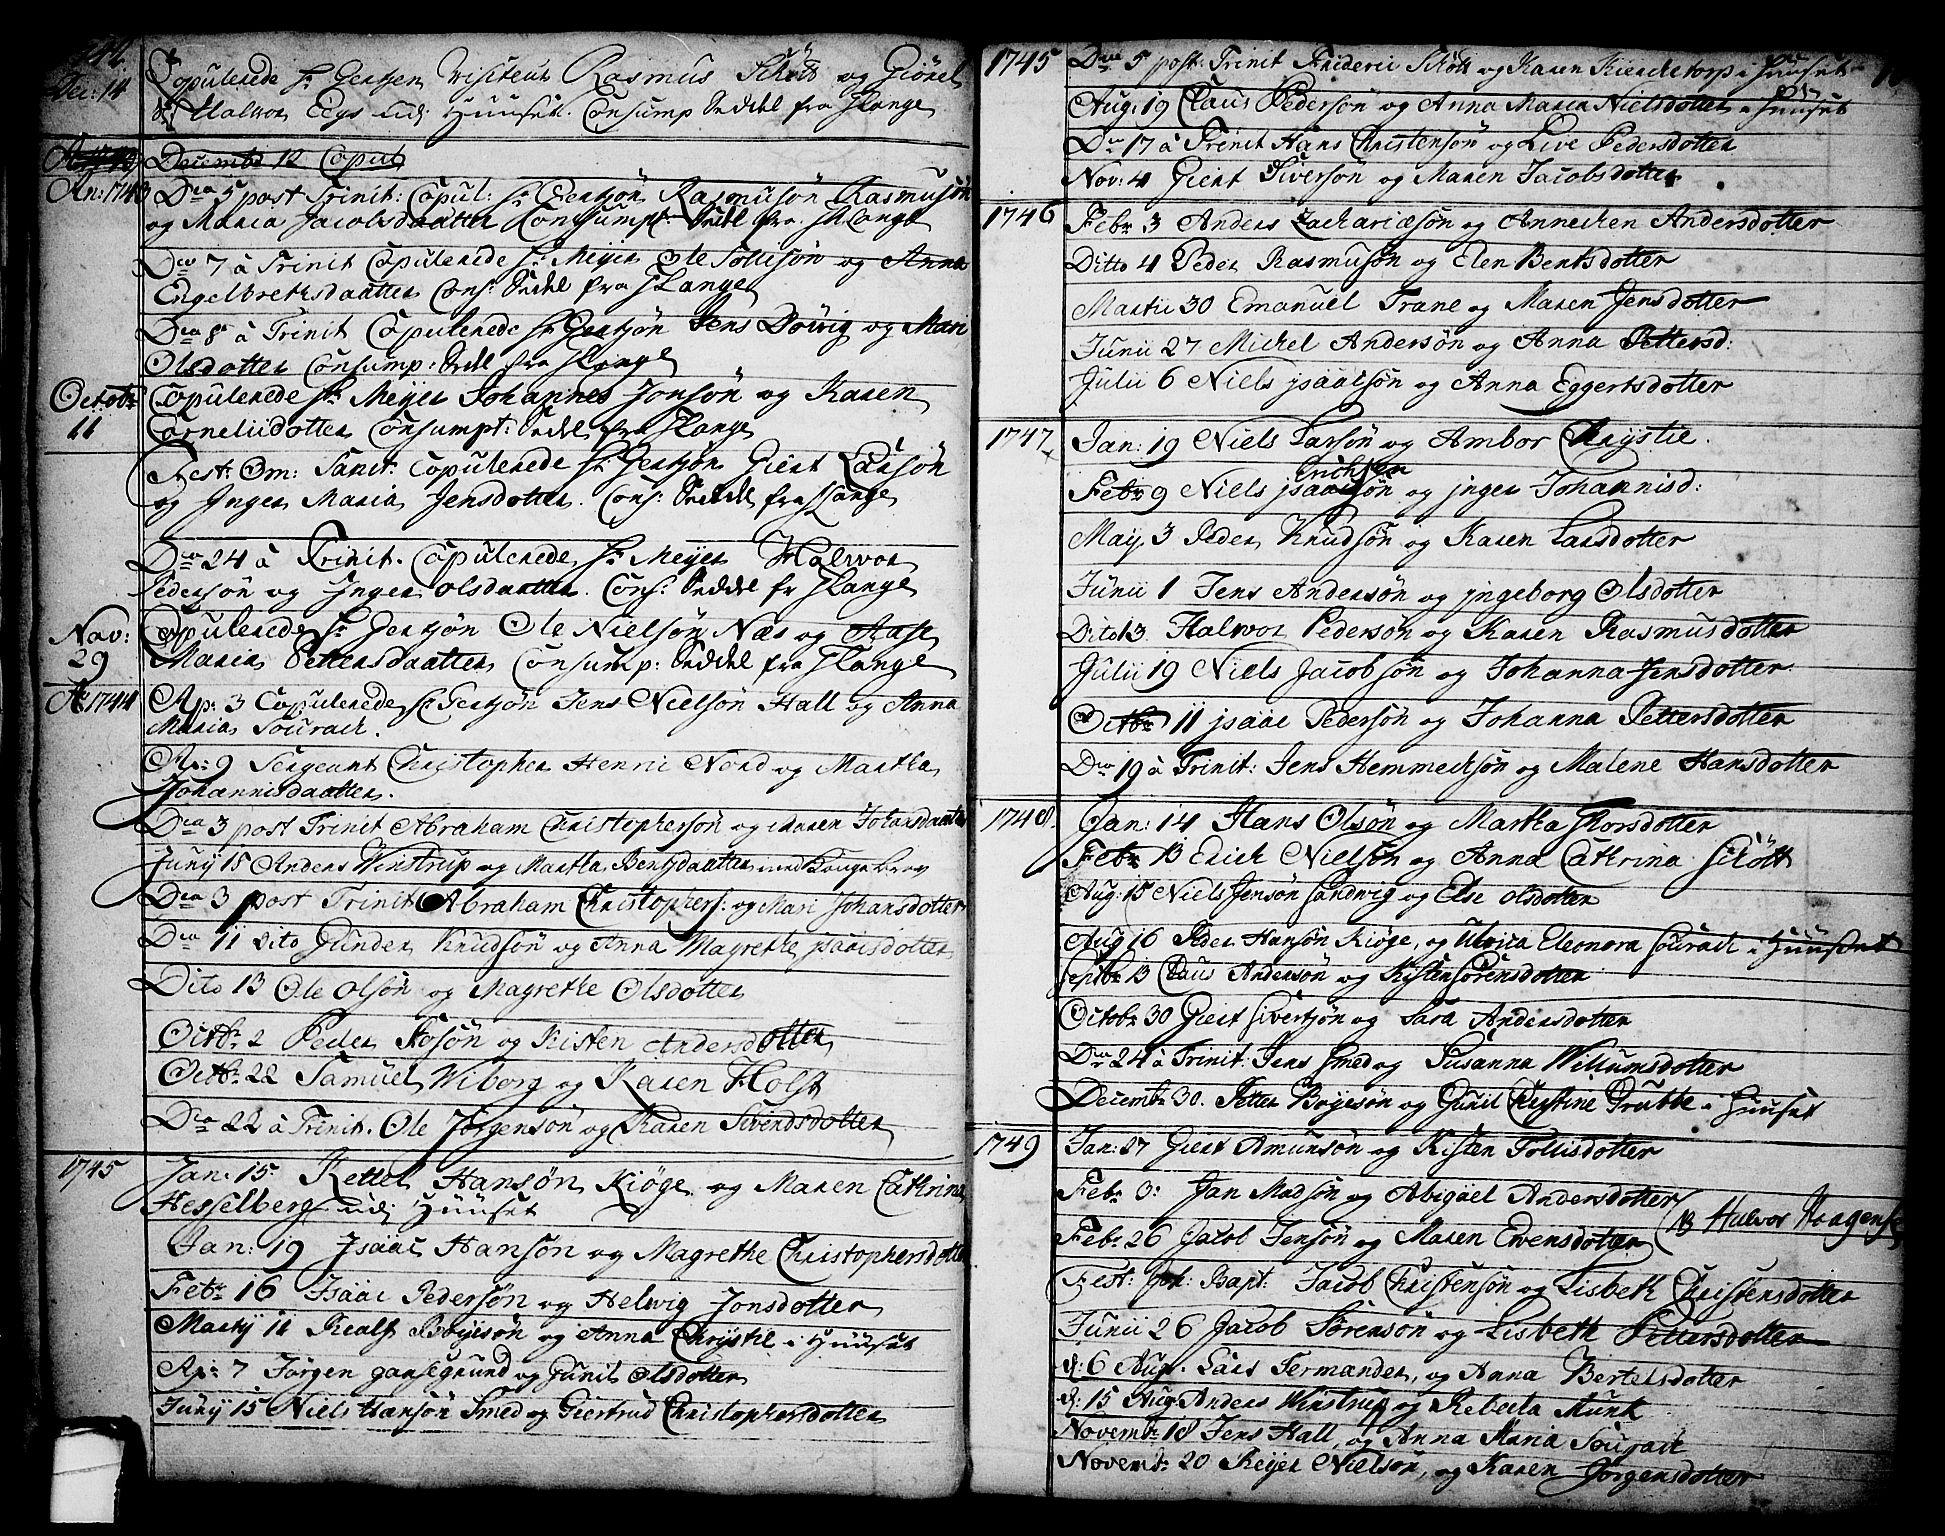 SAKO, Brevik kirkebøker, F/Fa/L0002: Ministerialbok nr. 2, 1720-1764, s. 16